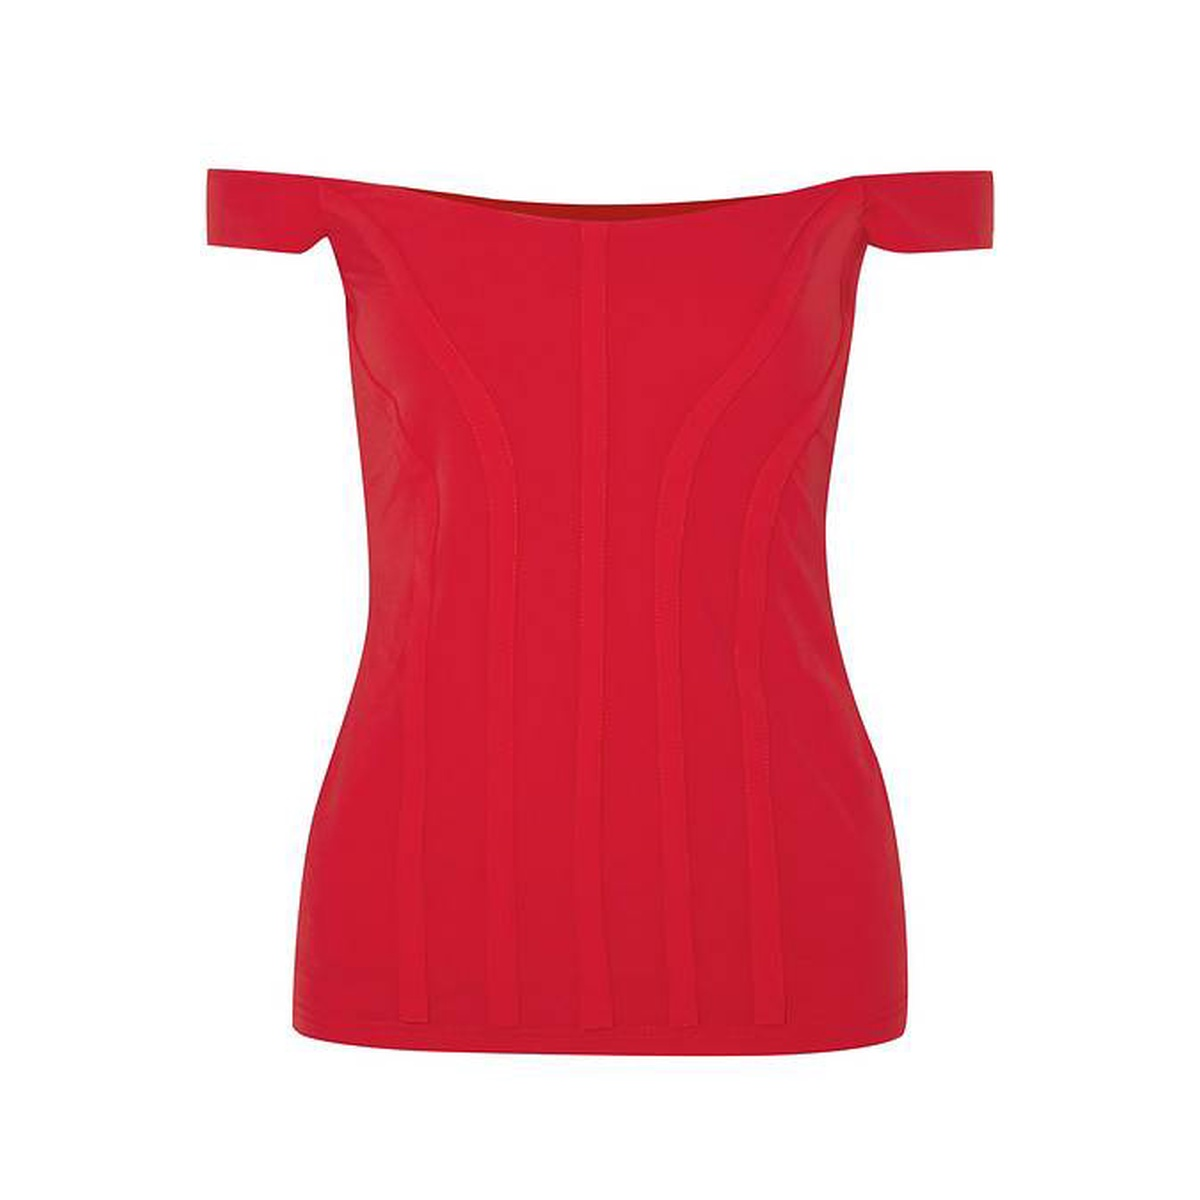 代购Ellery Yandex 露肩弹力卡迪紧身文胸女士2021新款奢侈品